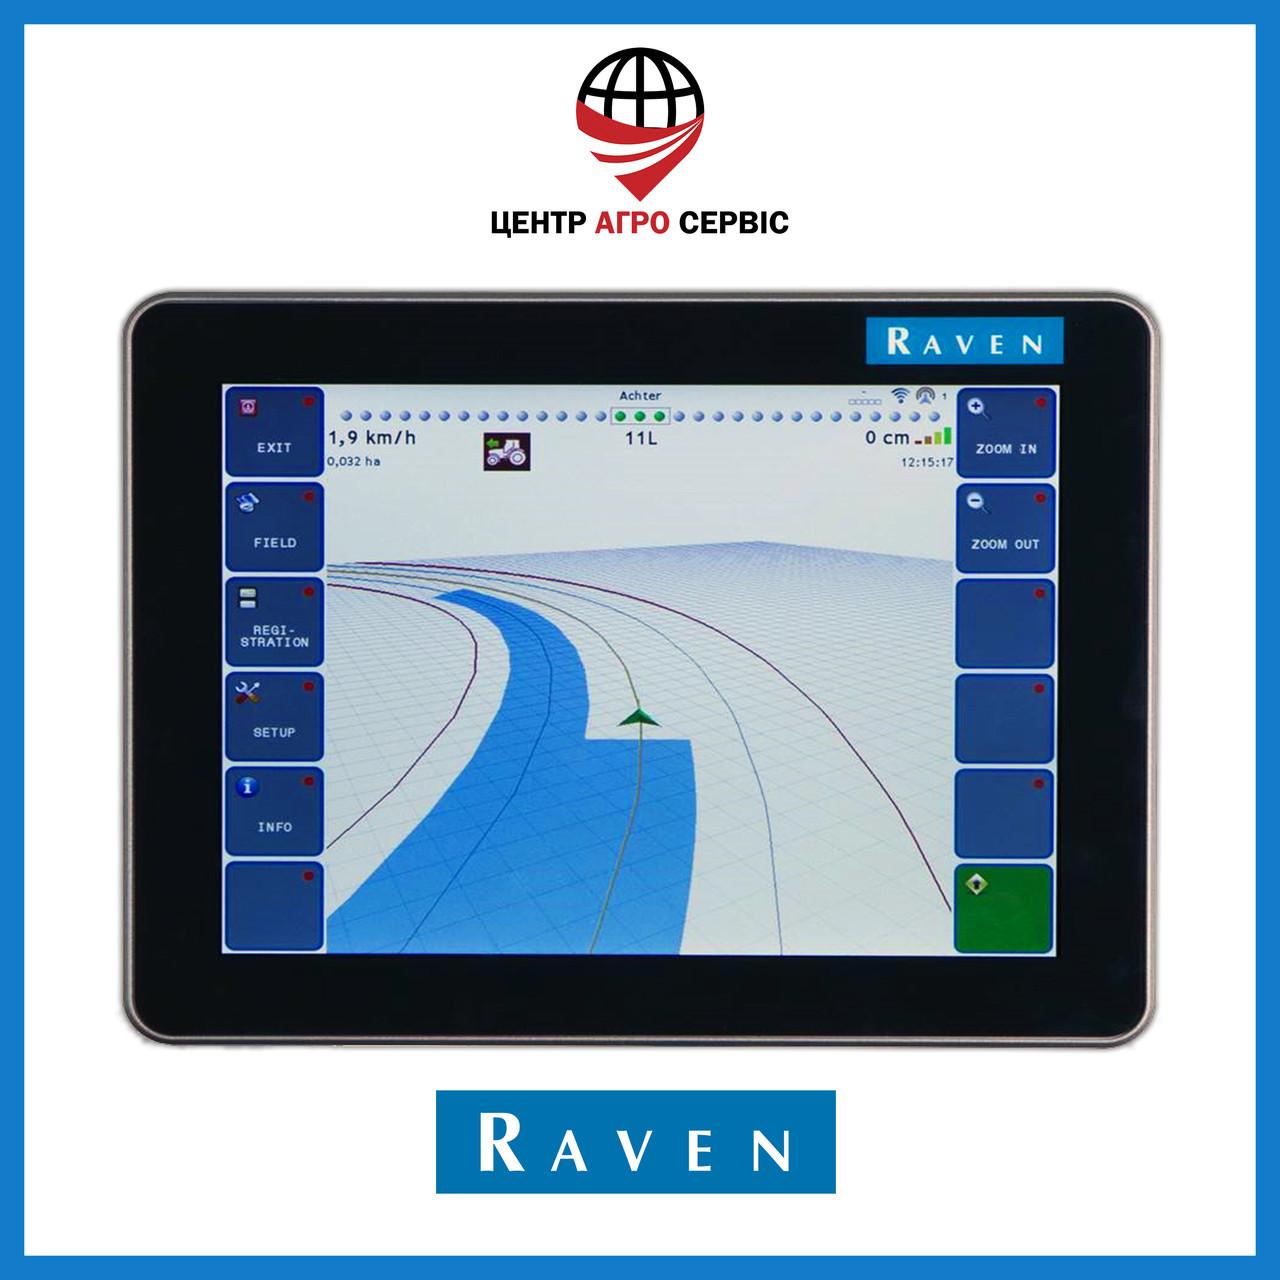 Курсовказівник (система паралельного водіння, агронавігатор) RAVEN viper 4